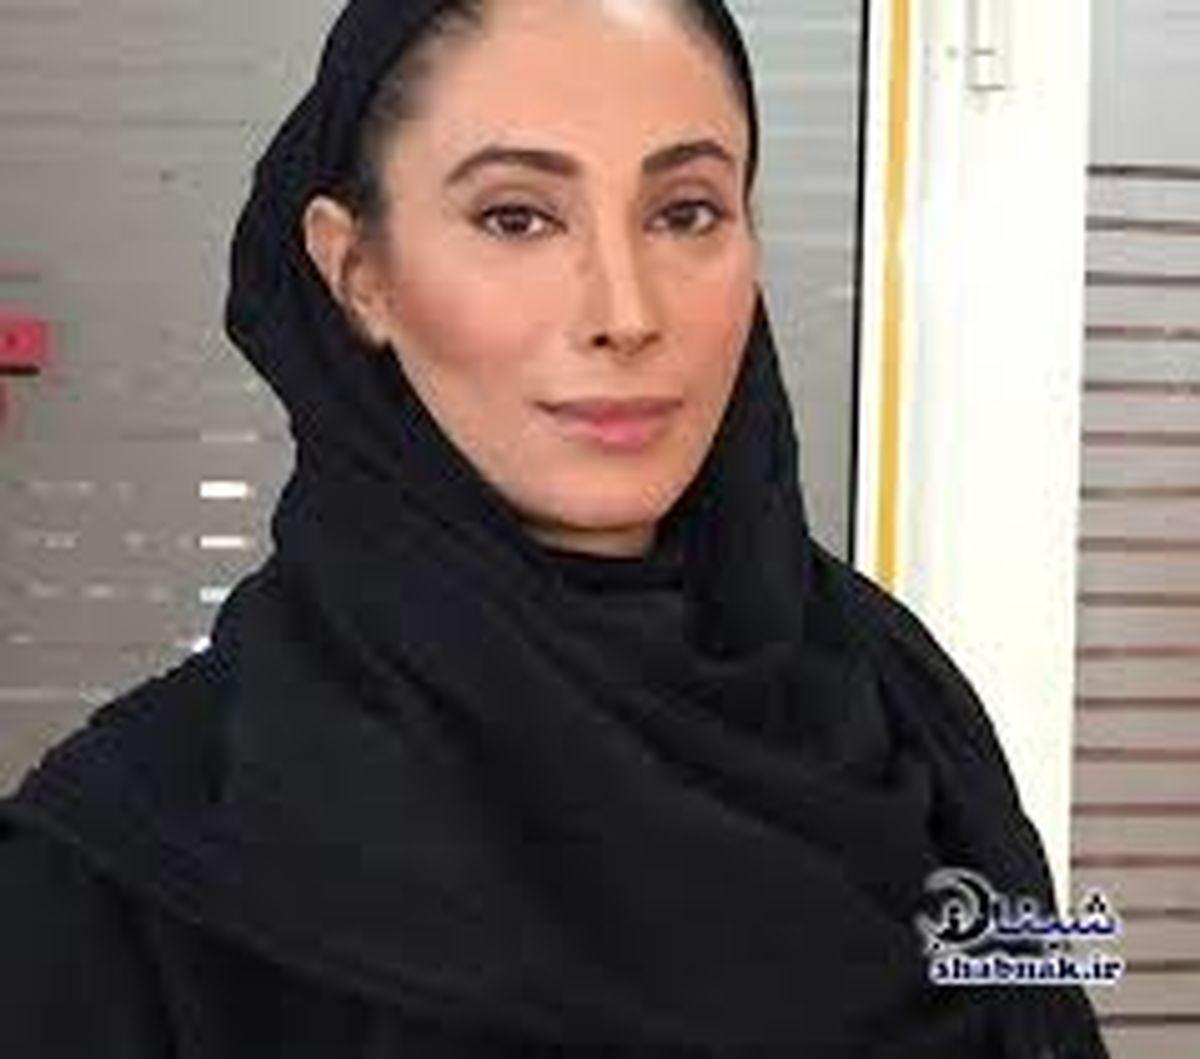 سحر زکریا : 6 سال همسر مهران مدیری بودم !؟ + فیلم